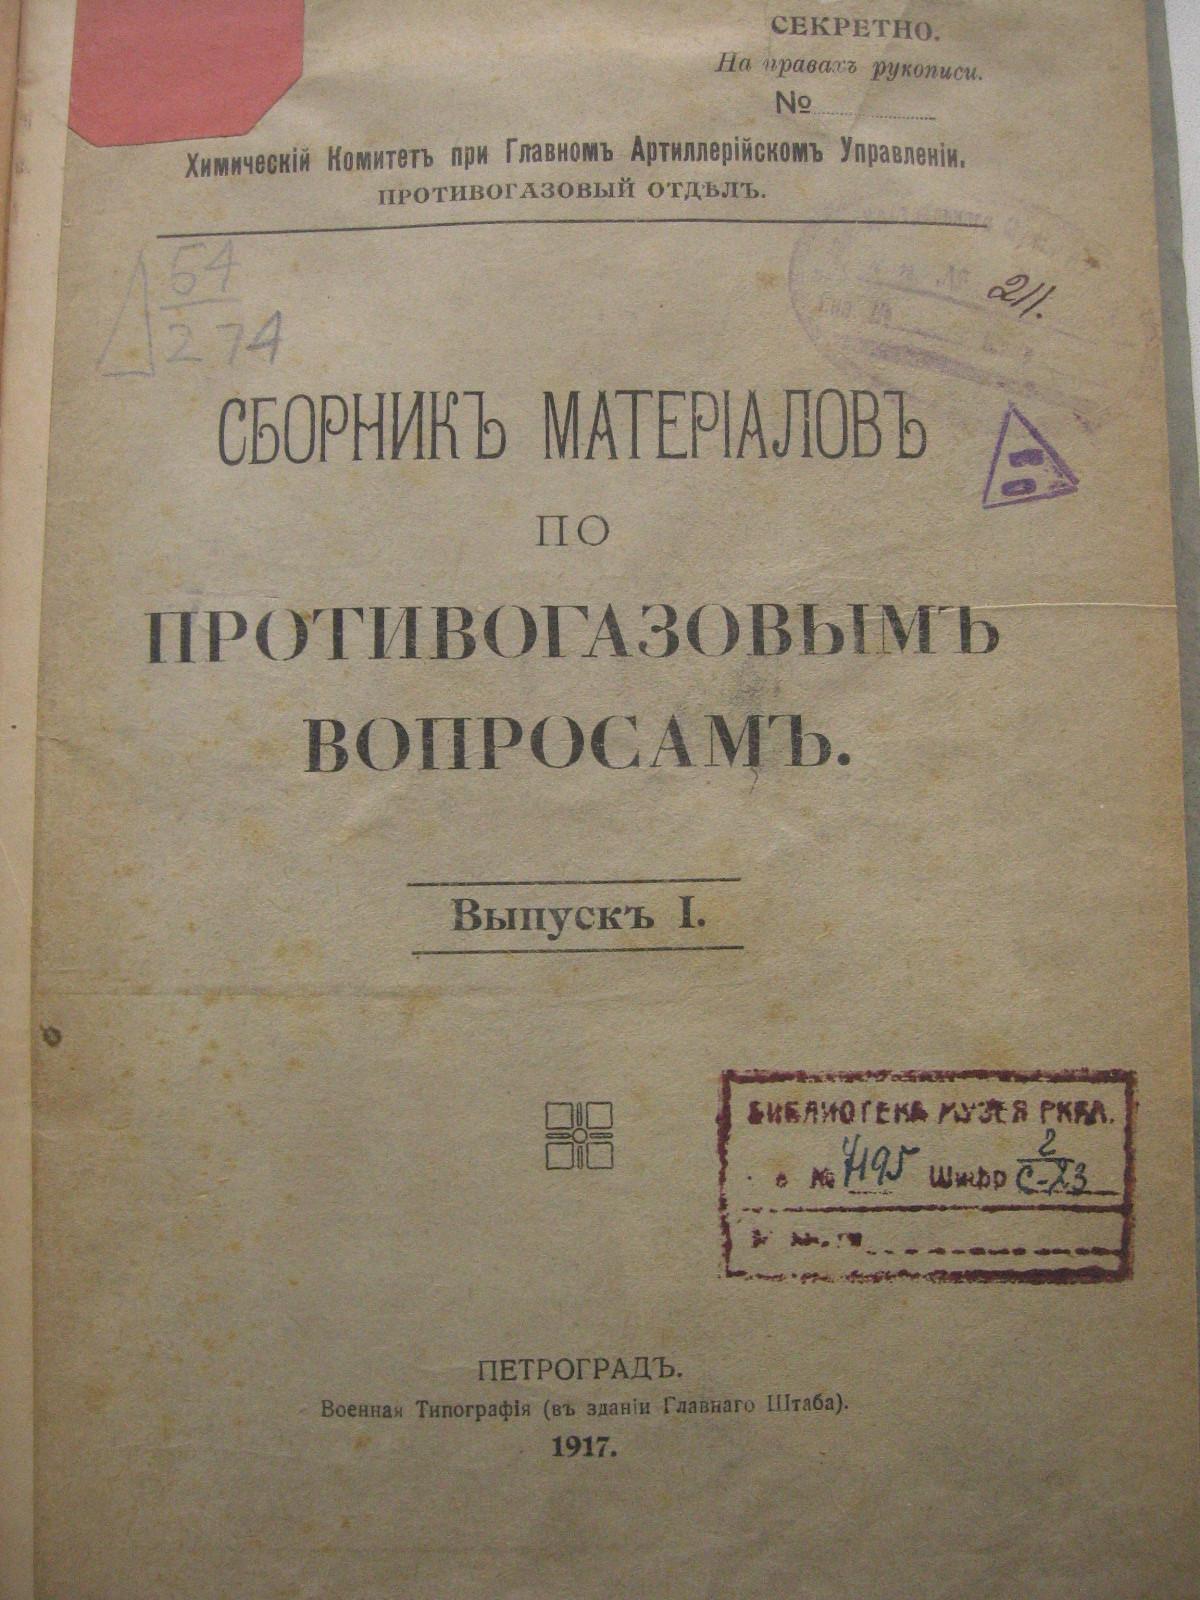 На фото: Сборник материалов по противогазовым вопросам. Выпуск I. 1917, автор: alexandr.chir